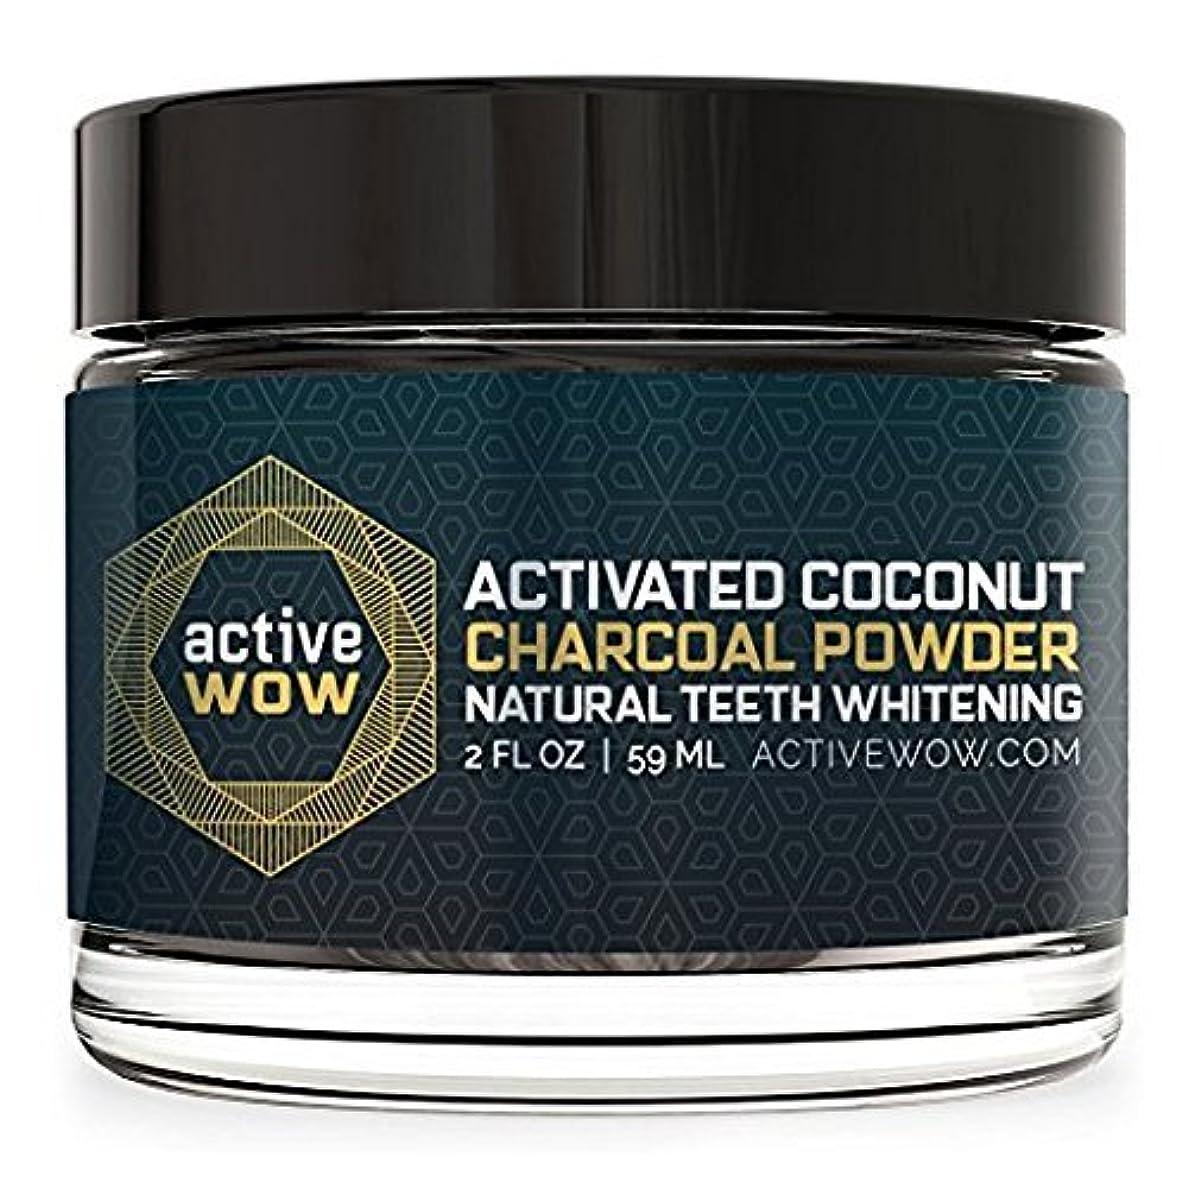 プレビスサイト大破複合アメリカで売れている 炭パウダー歯のホワイトニング Teeth Whitening Charcoal Powder Natural [並行輸入品]